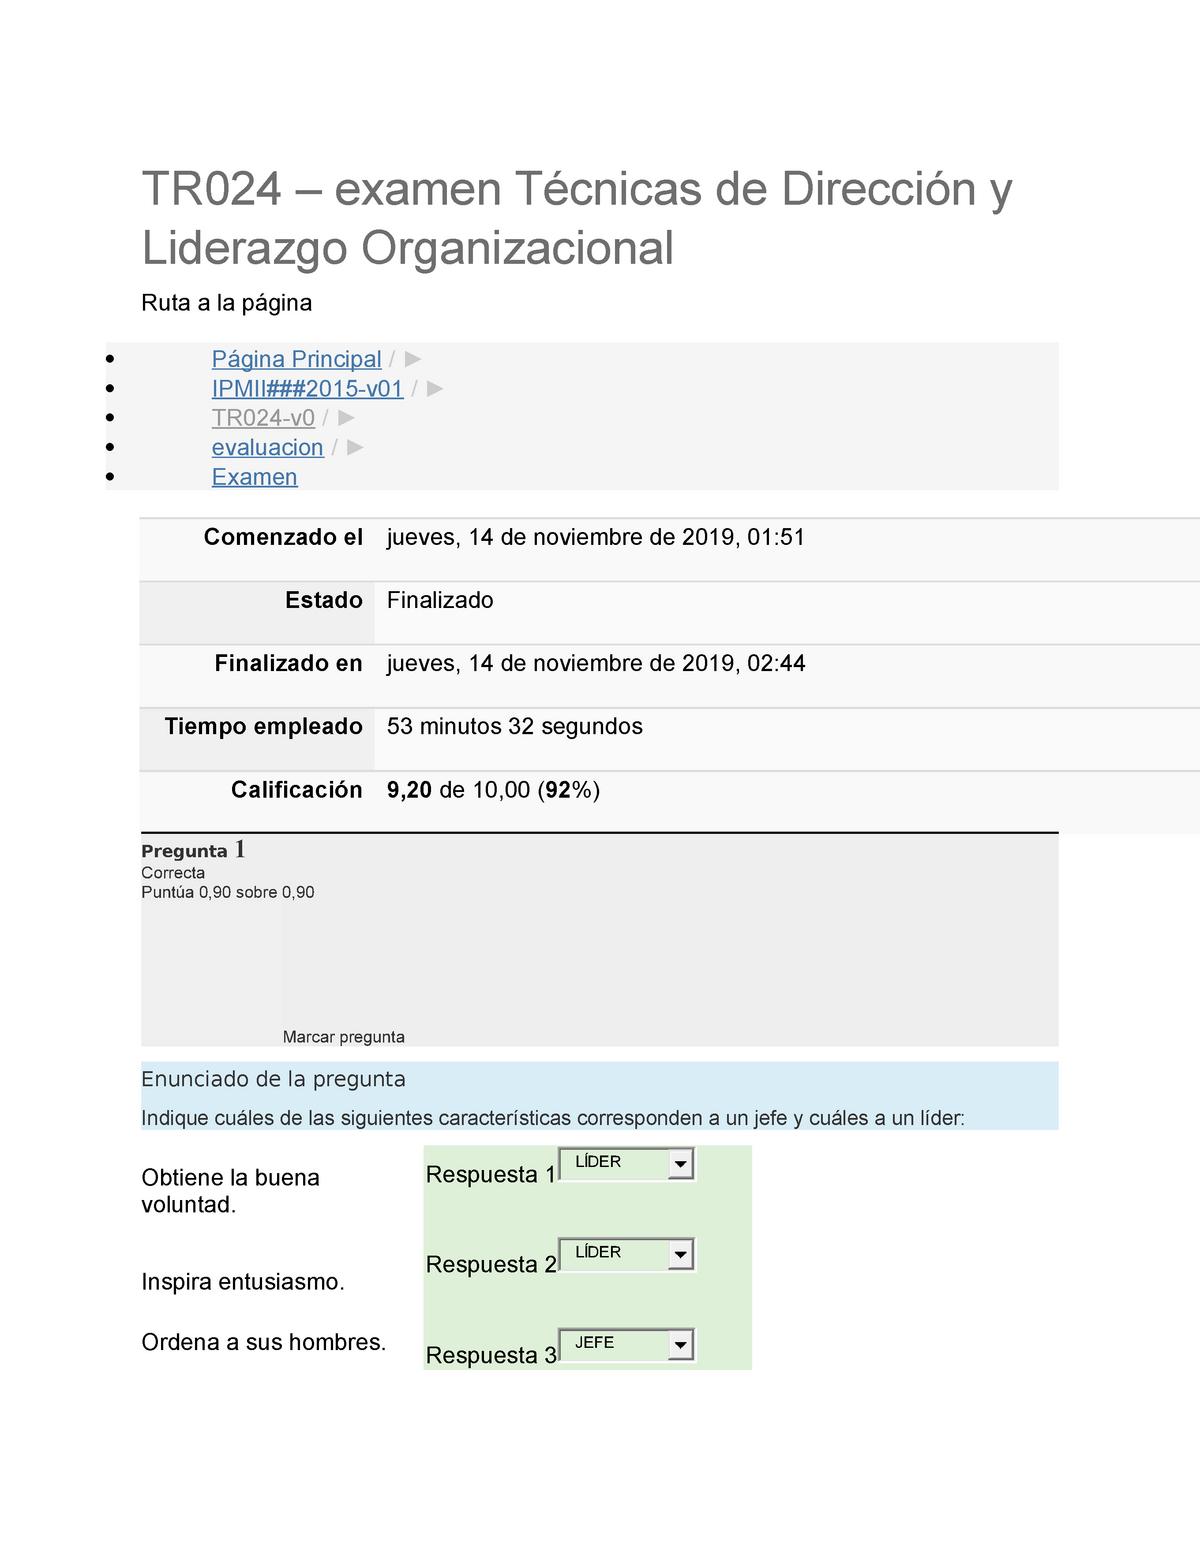 Examen Noviembre 2019 Preguntas Y Respuestas Tr024 Examen Cnicas De Direcci Liderazgo Organizacional Ruta La Gina Gina Principal Ipmii 2015 V01 Tr024 V0 Studocu